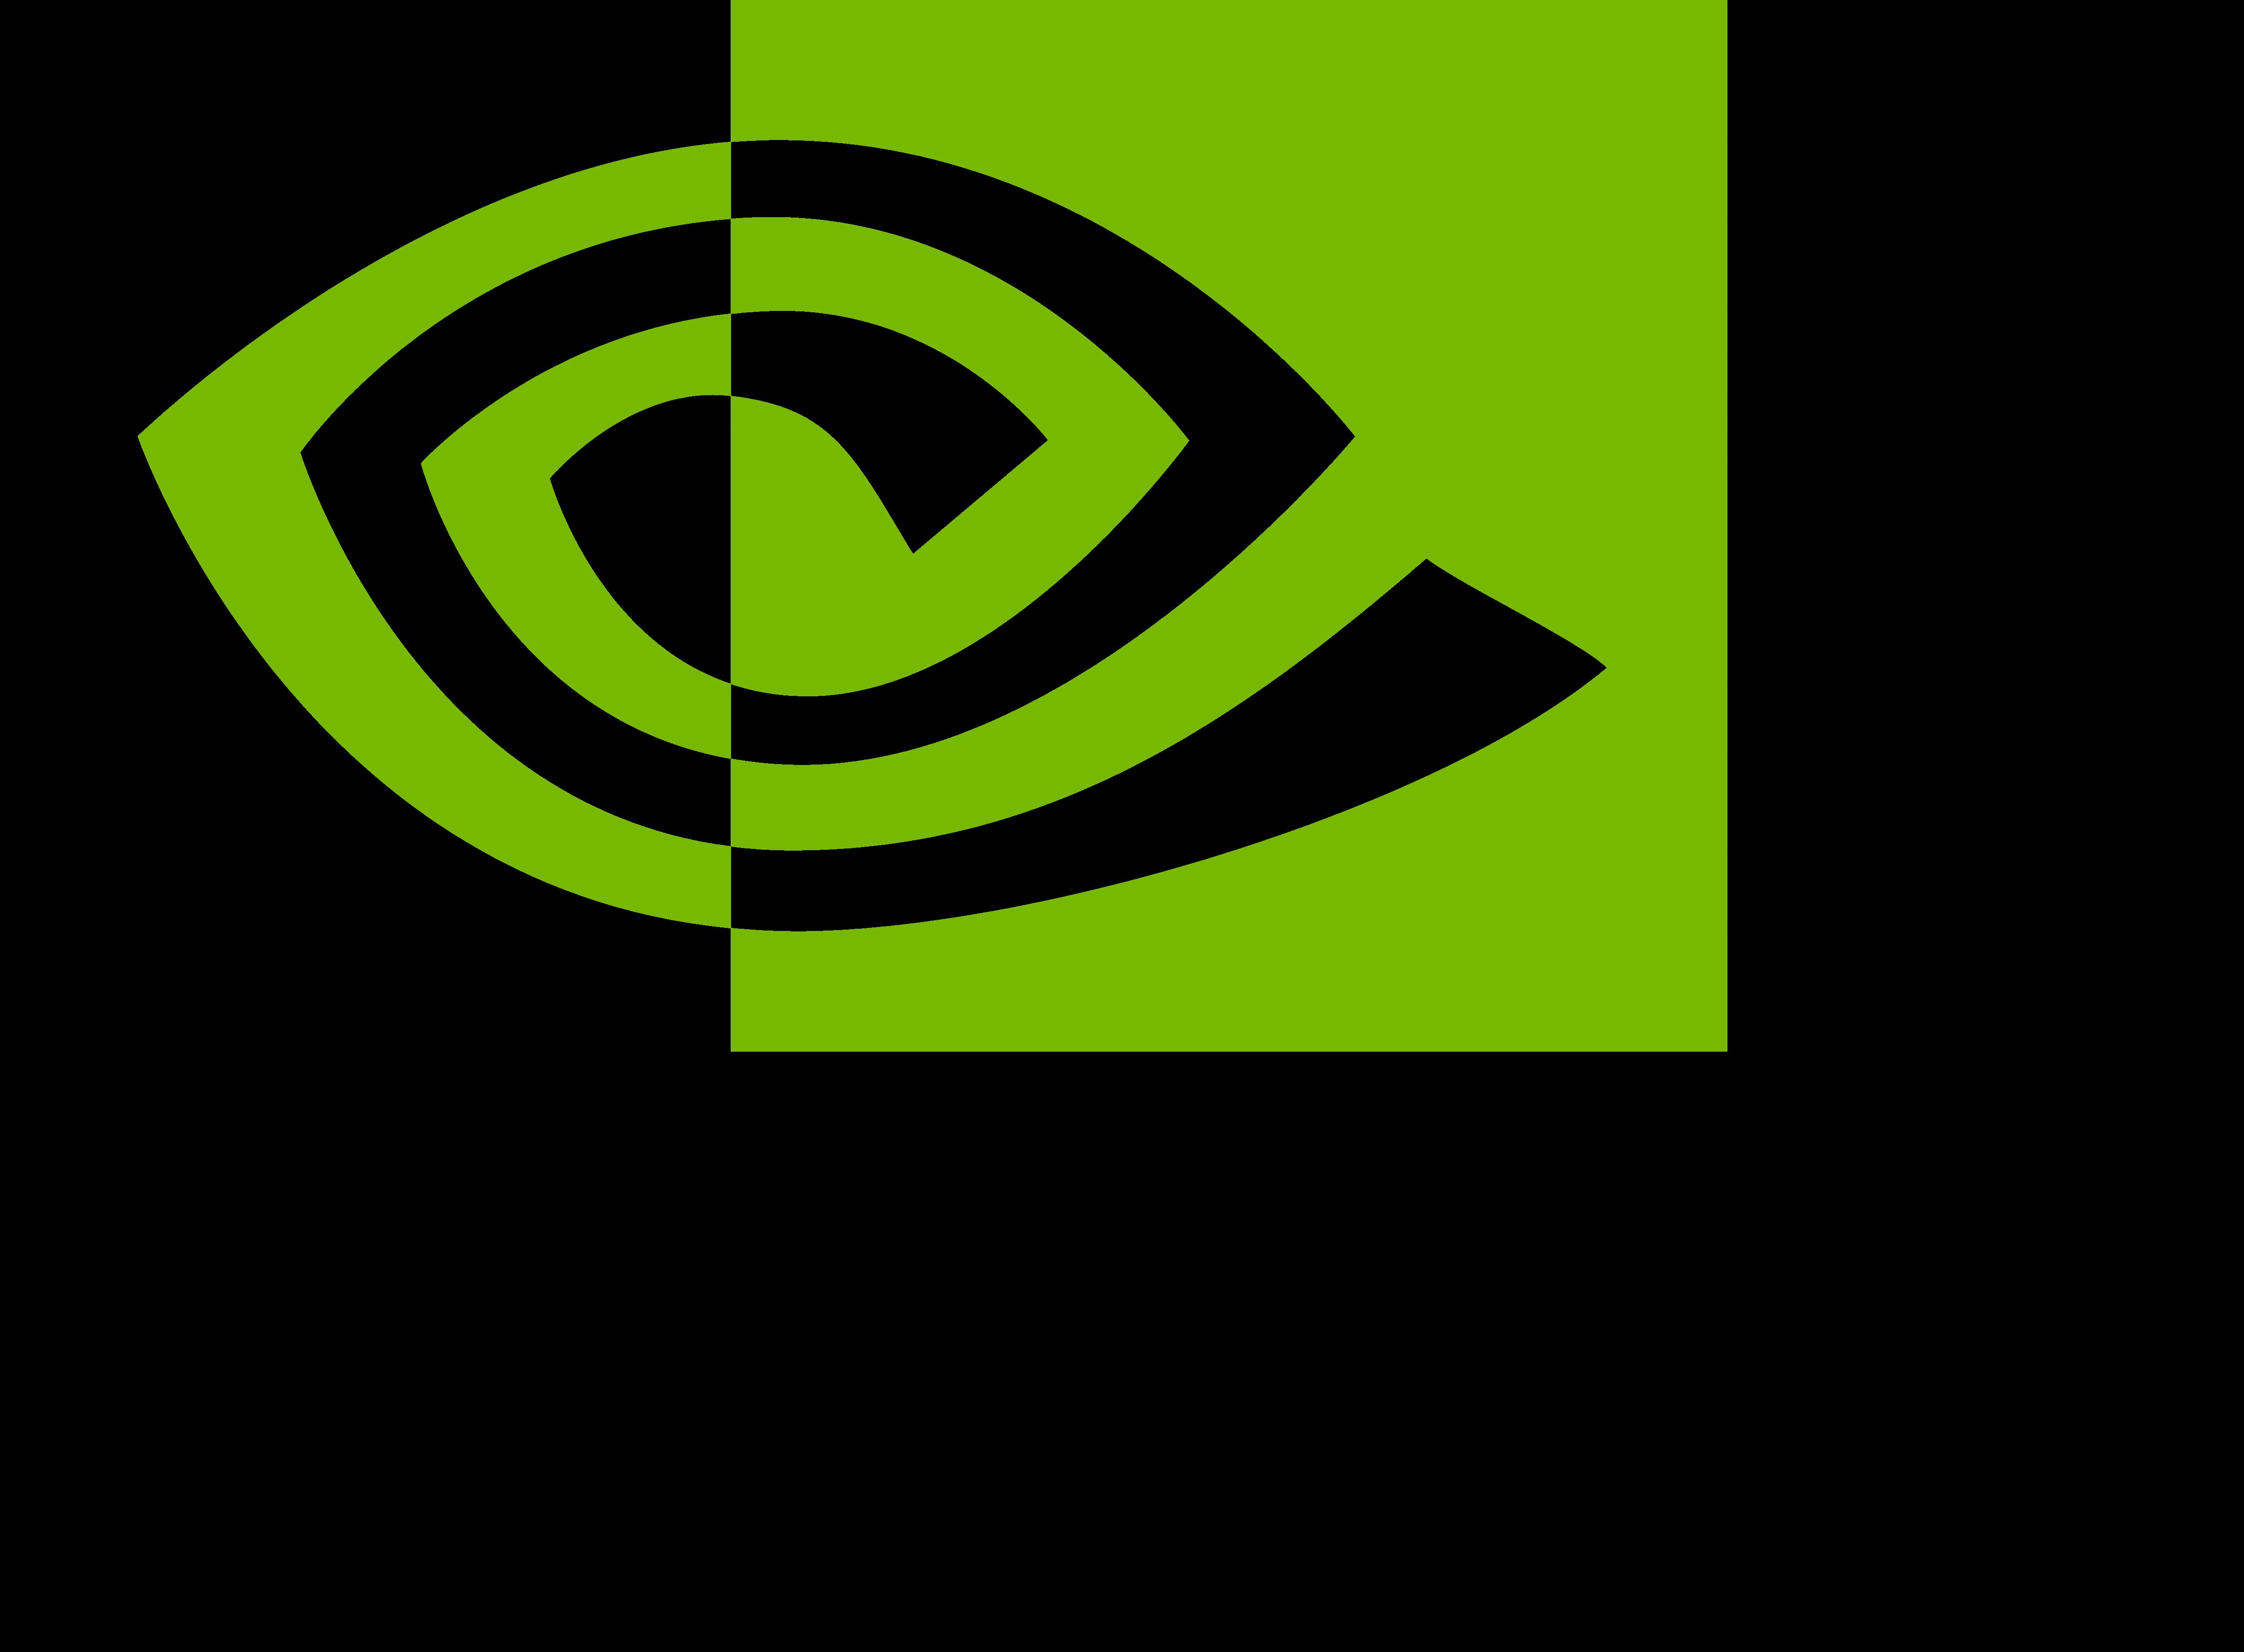 Nvidia – Logos Download